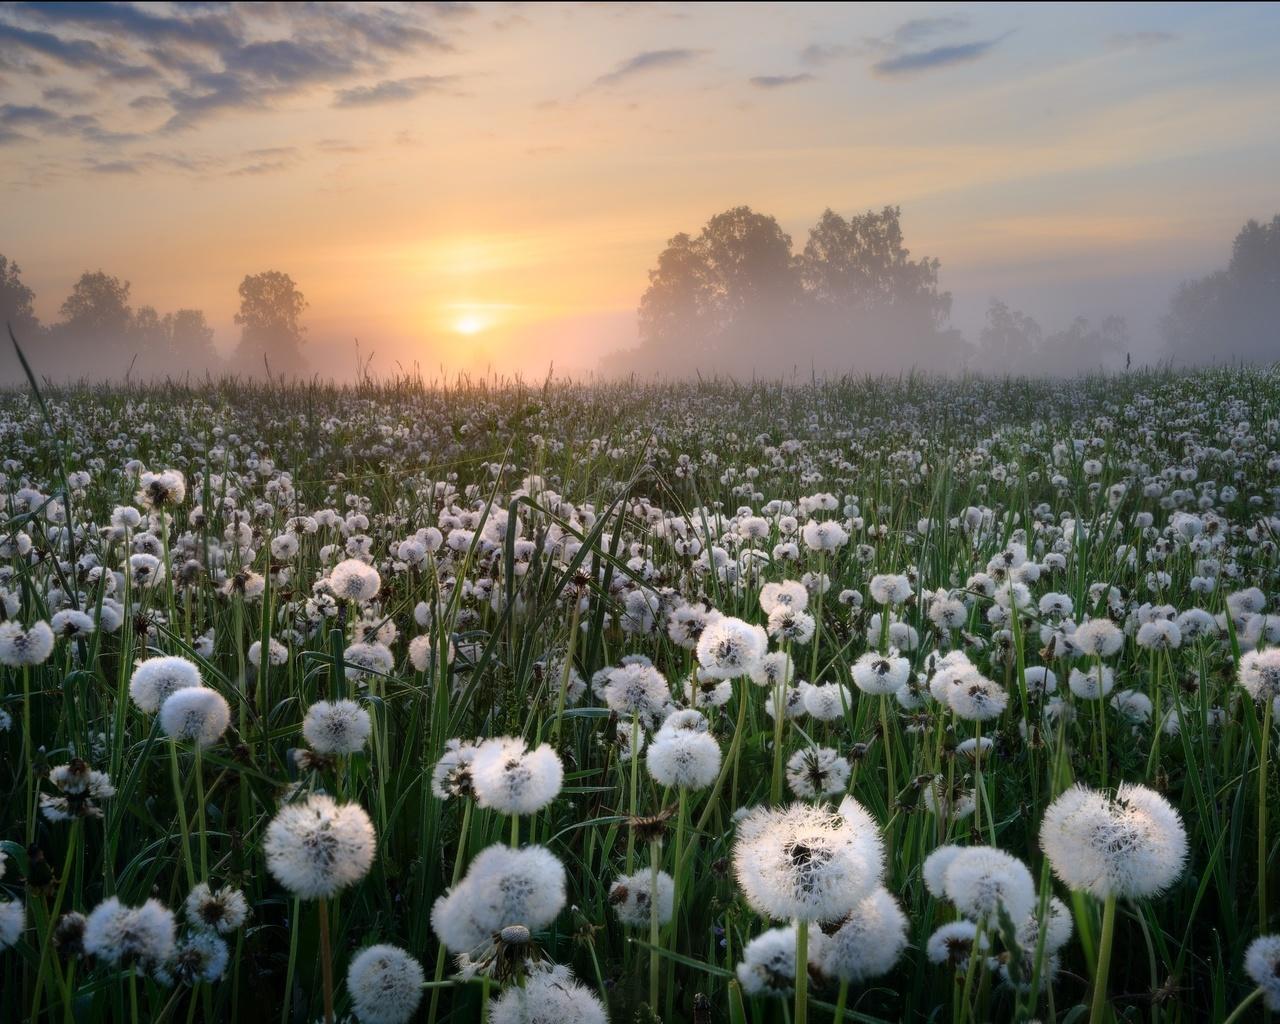 природа, поле, травы, одуванчики, туман, утро, рассвет